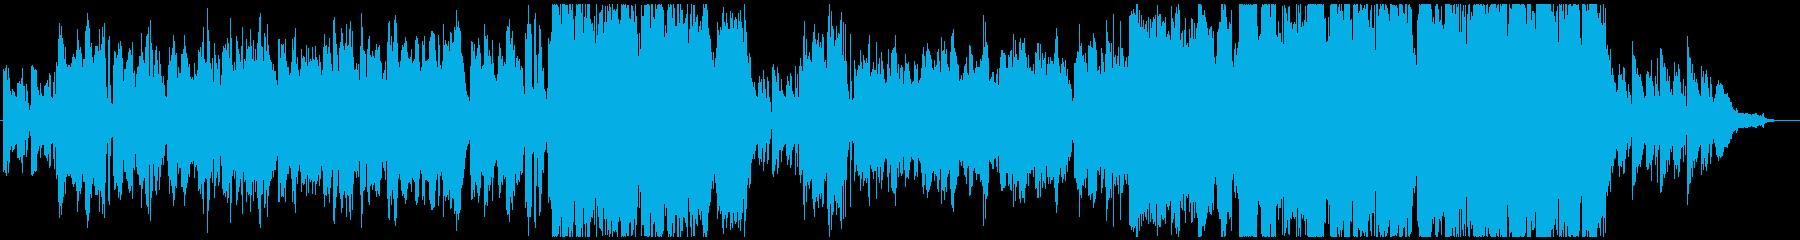 和楽器生演奏による奇譚的楽曲の再生済みの波形